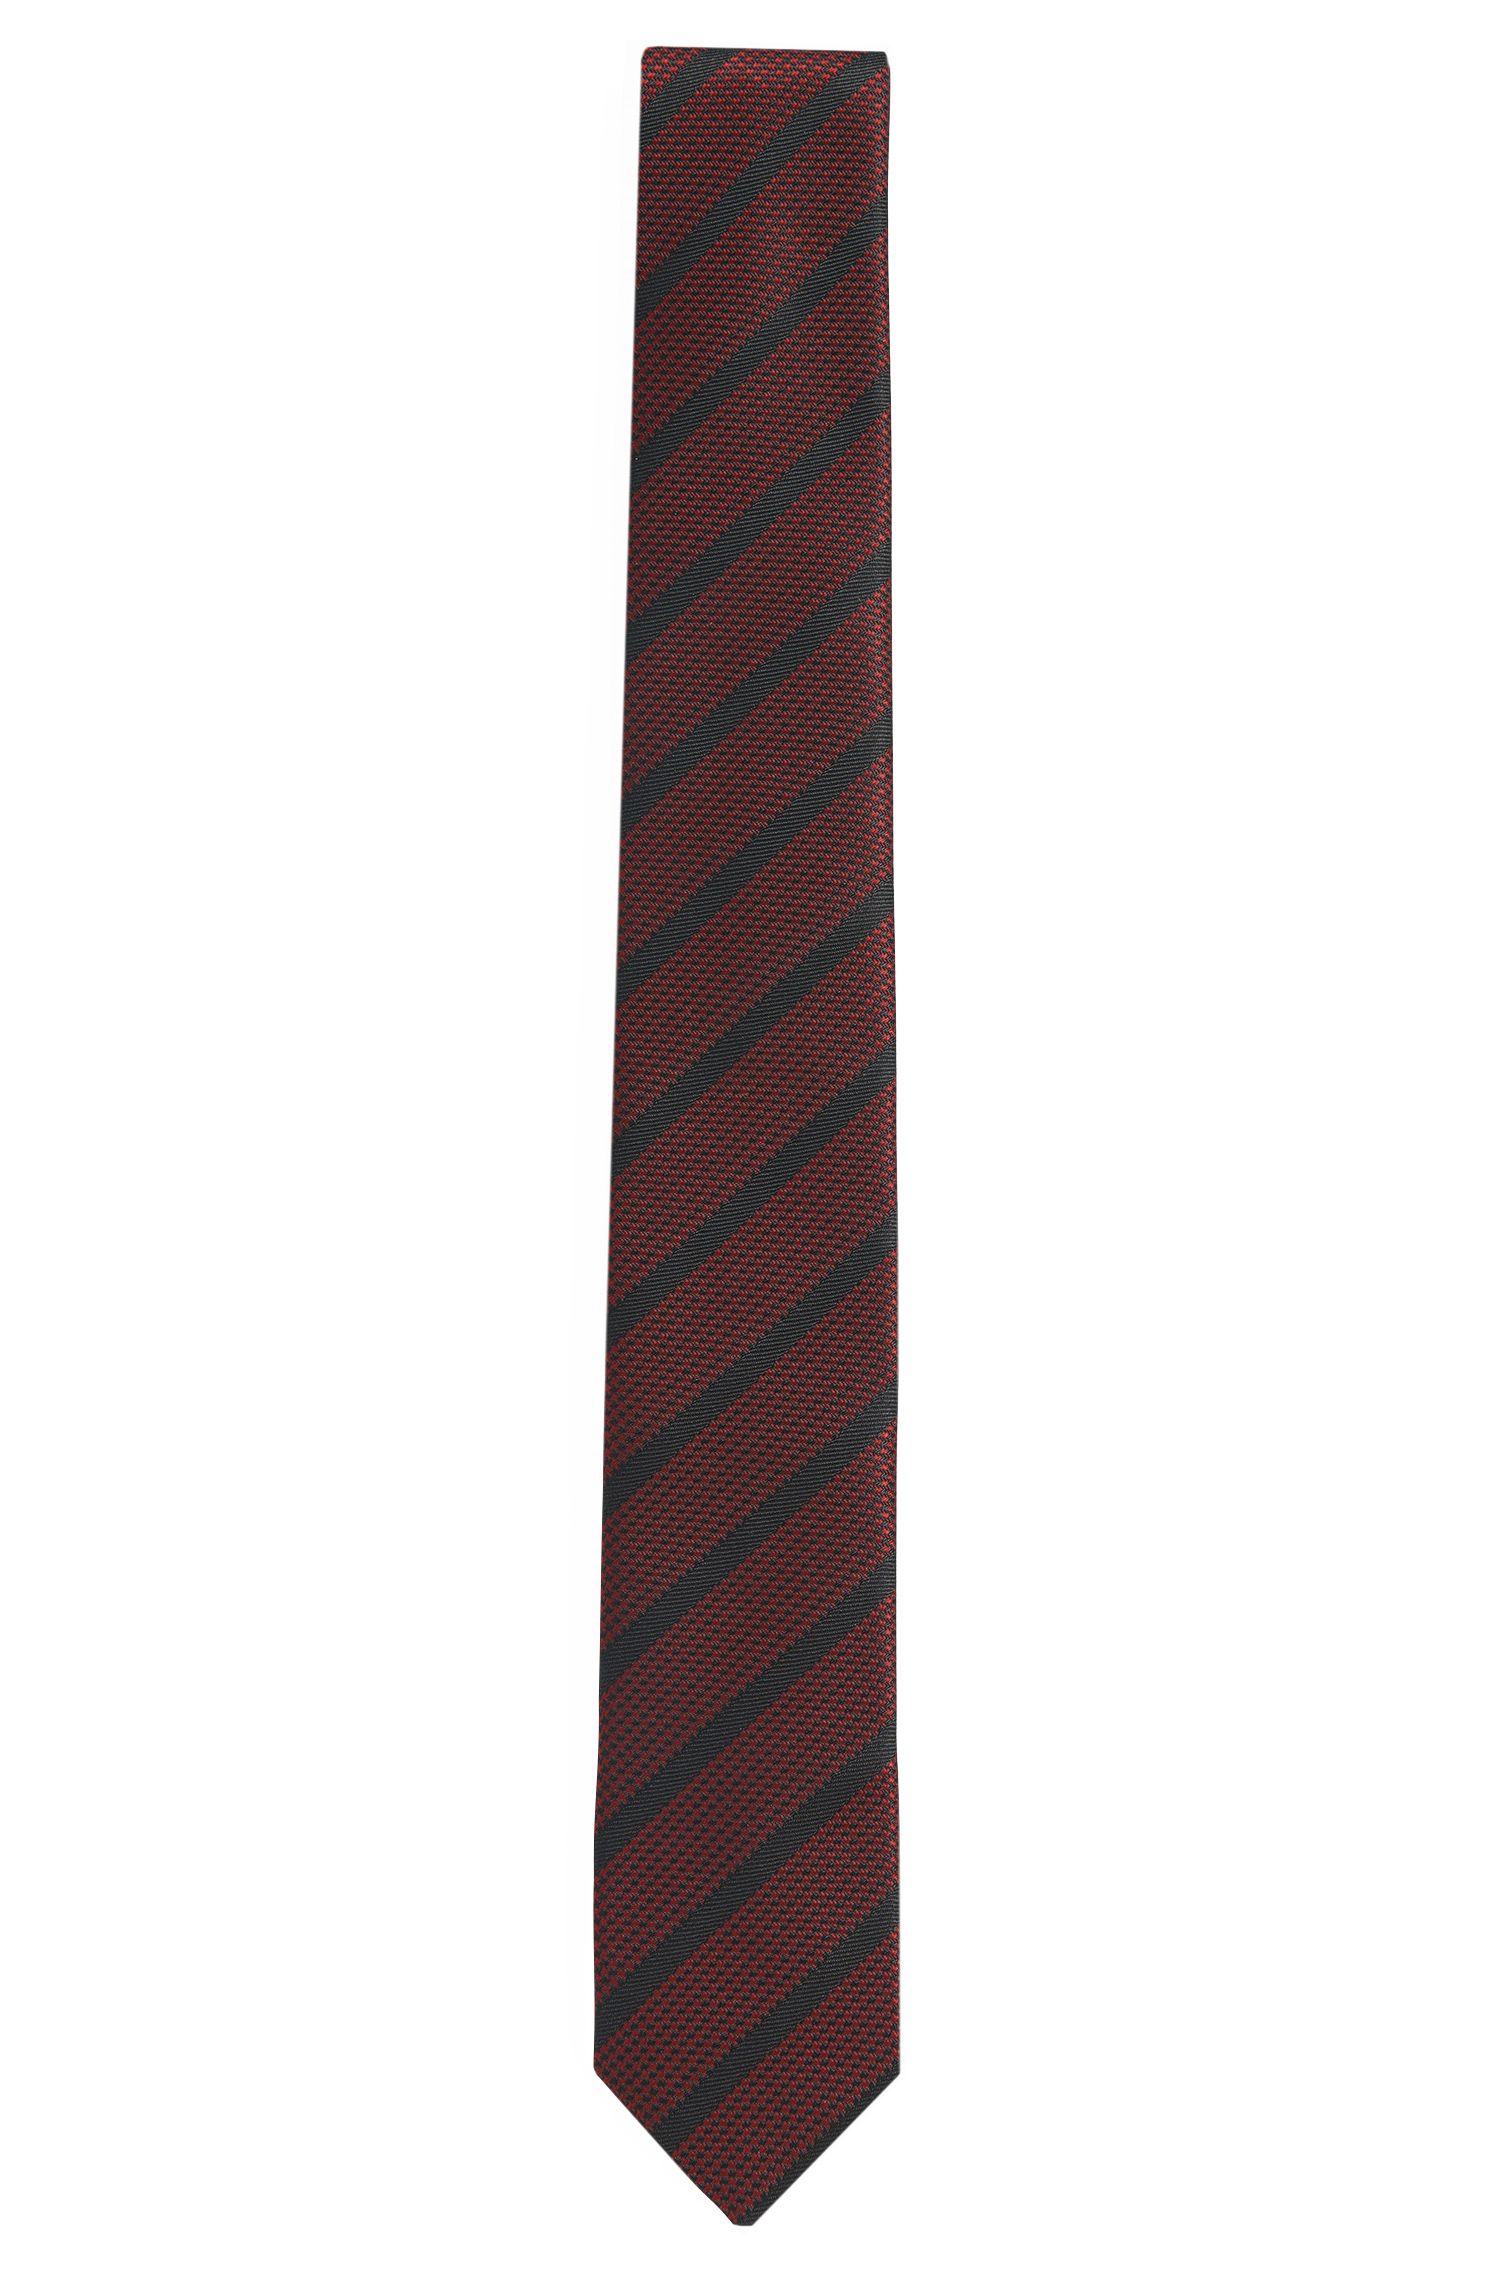 Gestreifte Krawatte aus Seide: 'Tie cm 6'